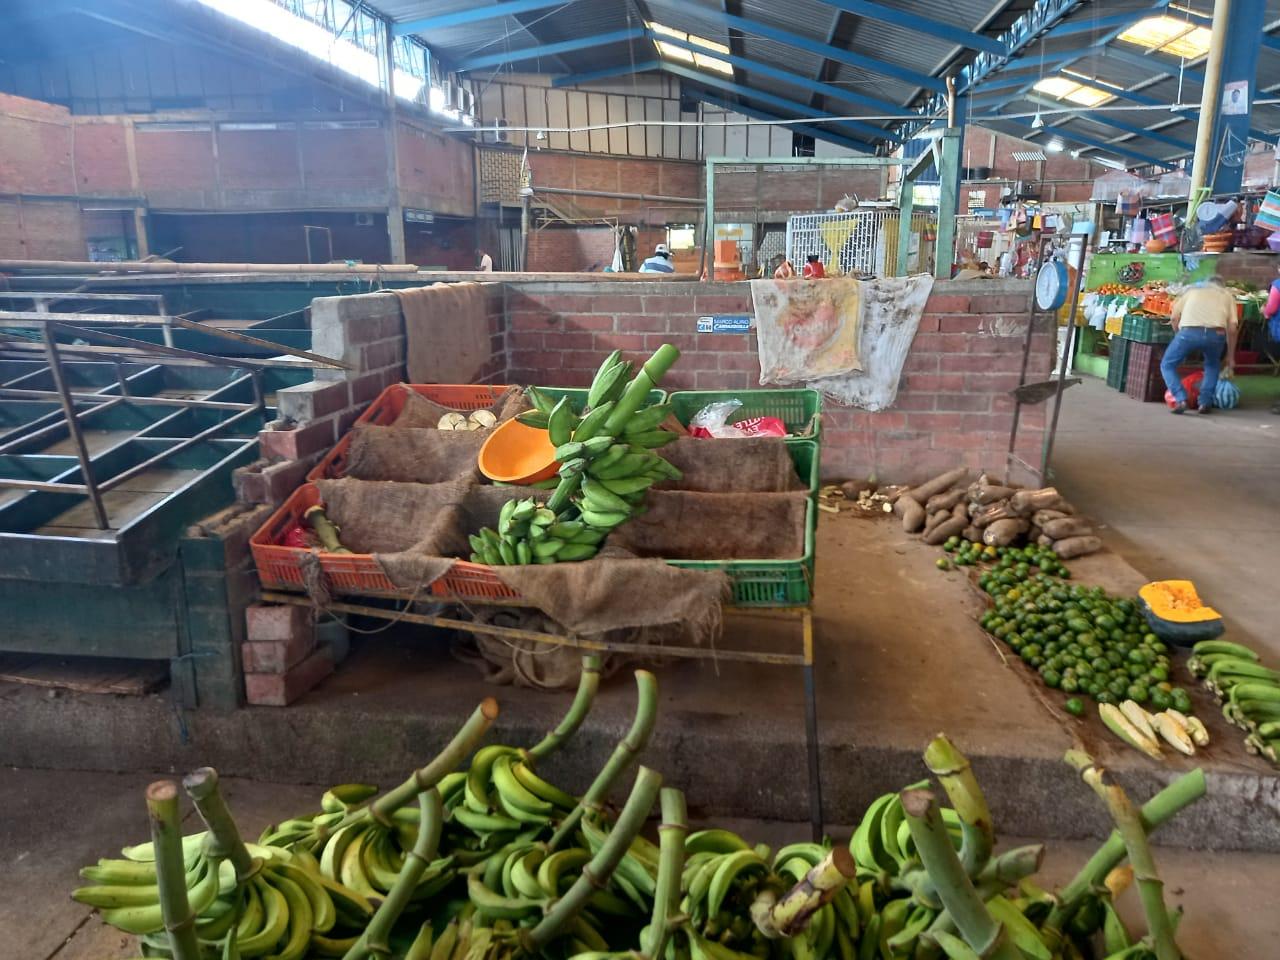 Neiva en emergencia alimentaria por desabastecimiento en centrales de abastos